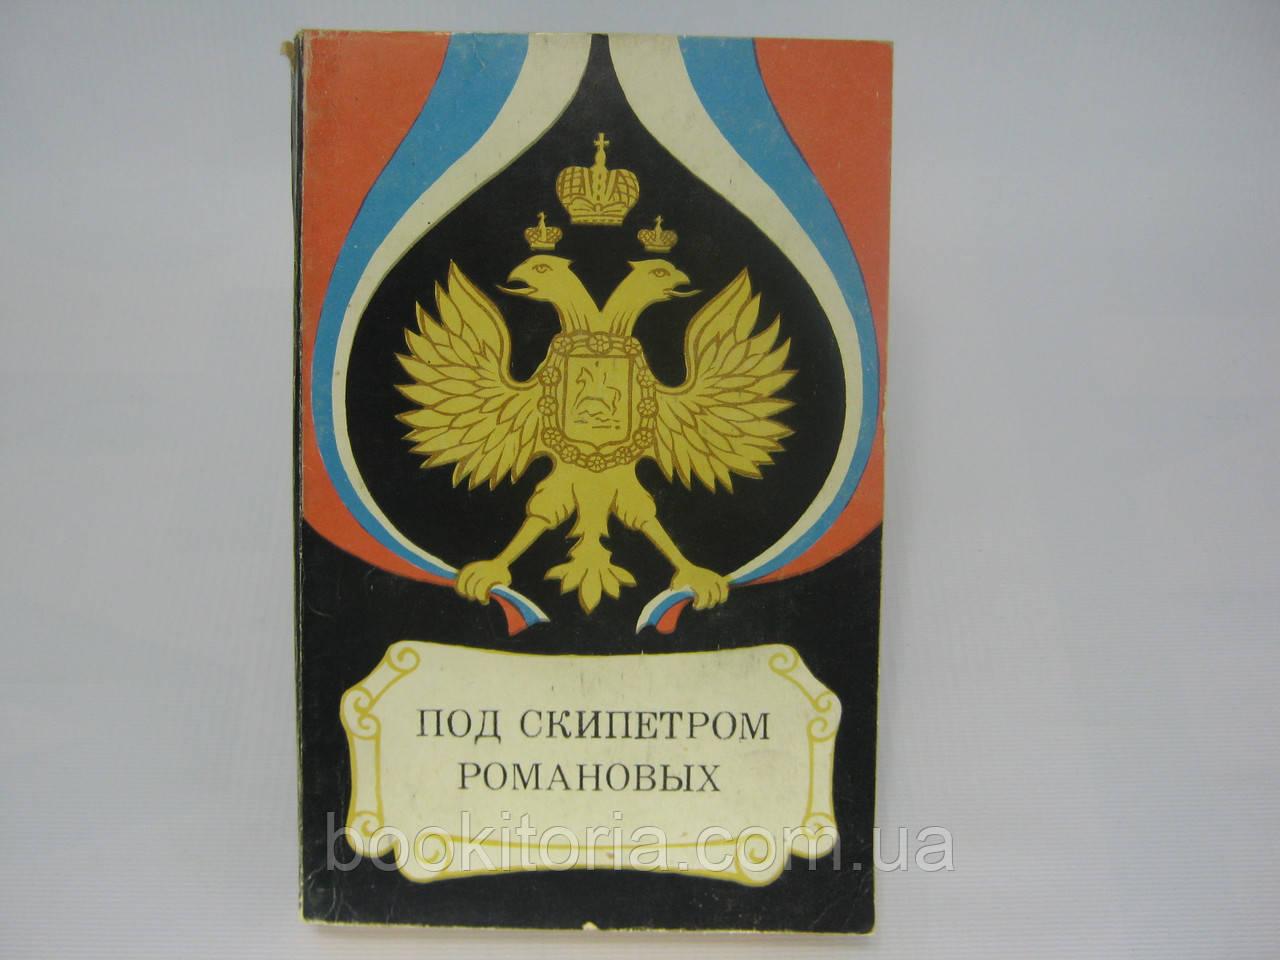 Россия под скипетром Романовых. Исторические очерки (б/у).